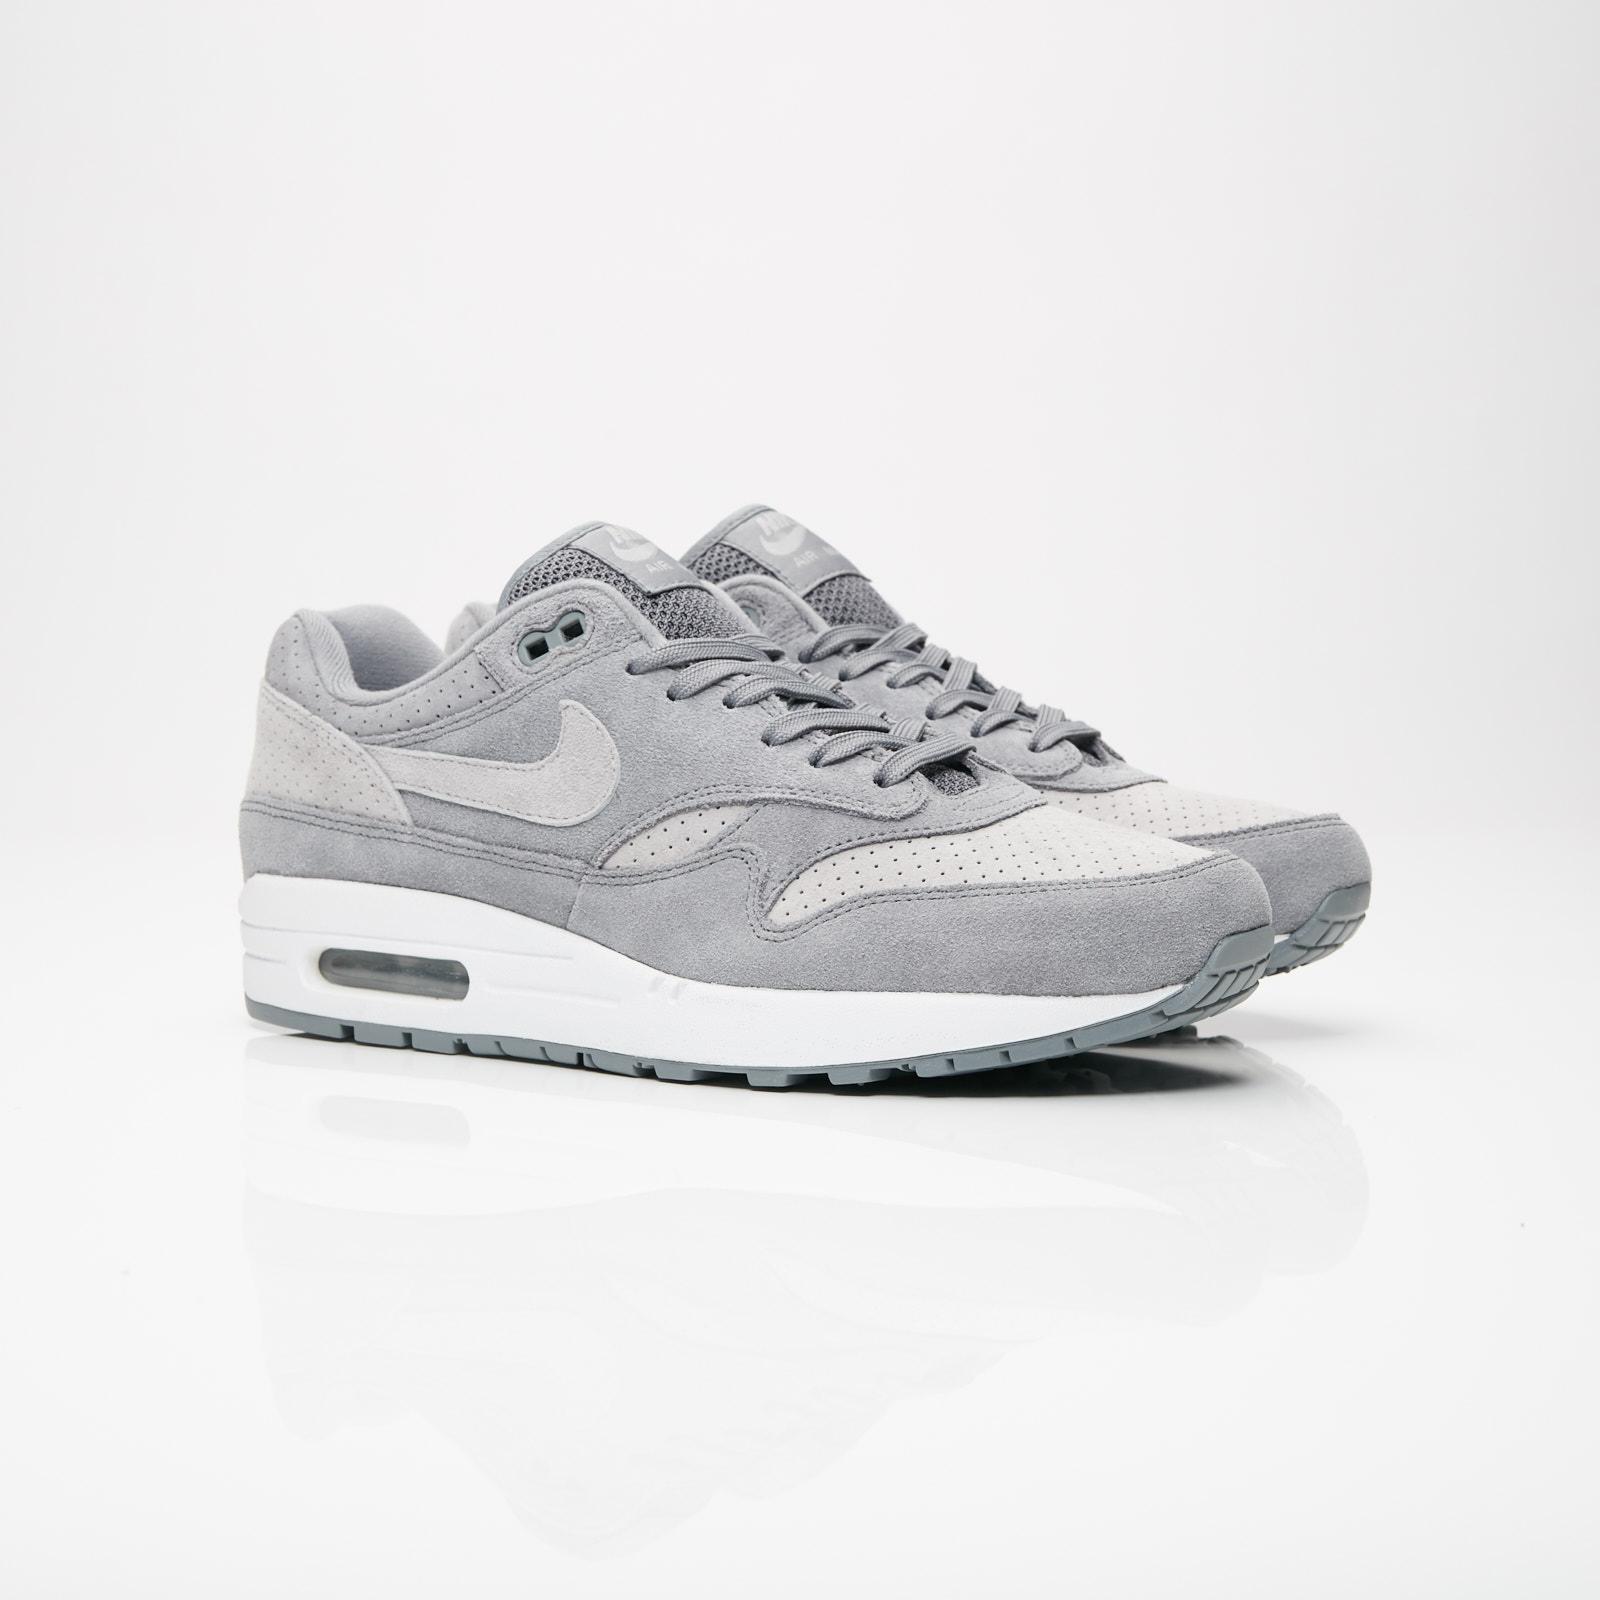 quality design 9cf30 44232 Nike Sportswear Air Max 1 Premium